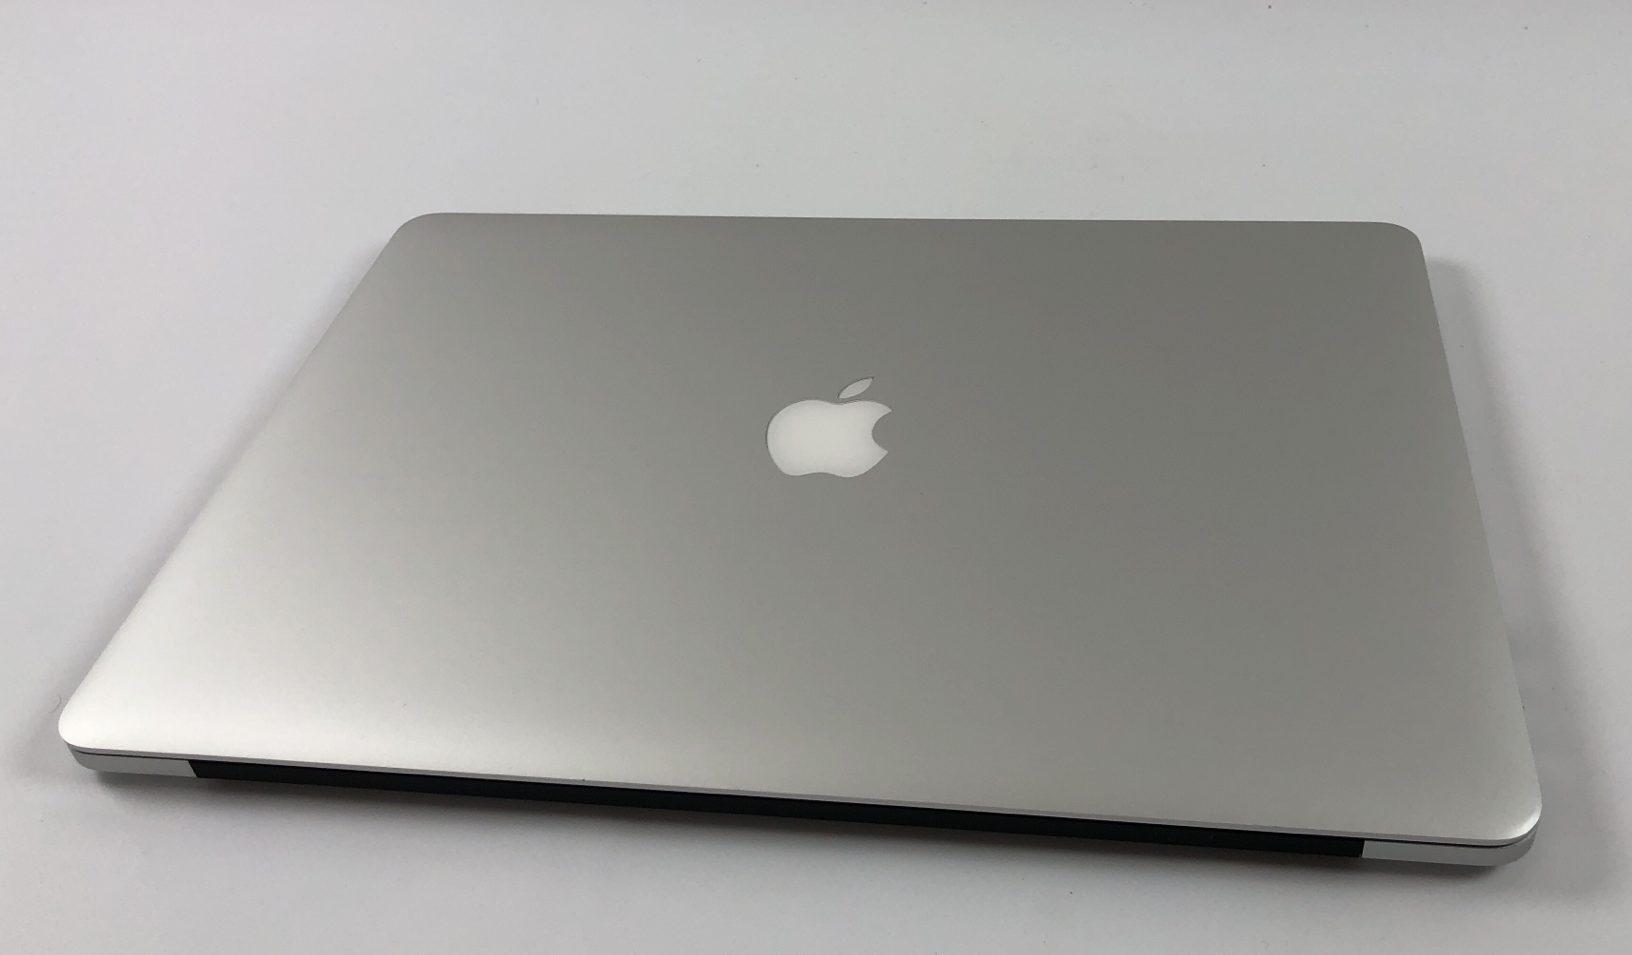 """MacBook Pro Retina 15"""" Mid 2015 (Intel Quad-Core i7 2.2 GHz 16 GB RAM 256 GB SSD), Intel Quad-Core i7 2.2 GHz, 16 GB RAM, 256 GB SSD, bild 2"""